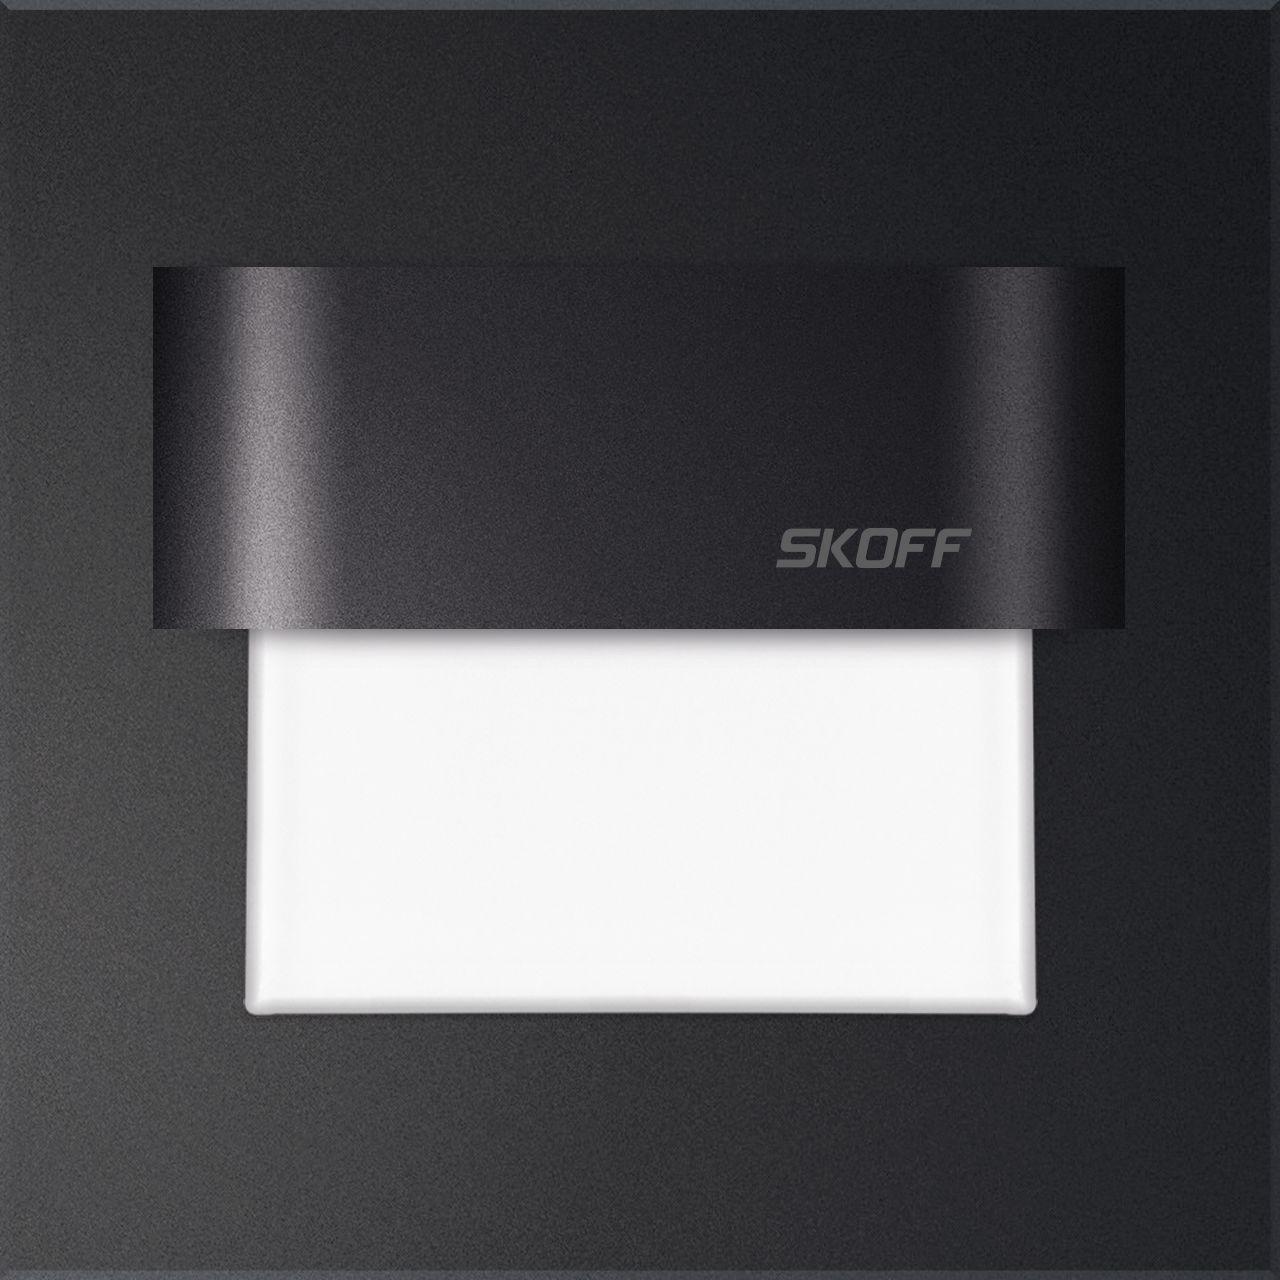 Oprawa schodowa Tango Skoff 10V kwadratowa oprawa w kolorze czarnym